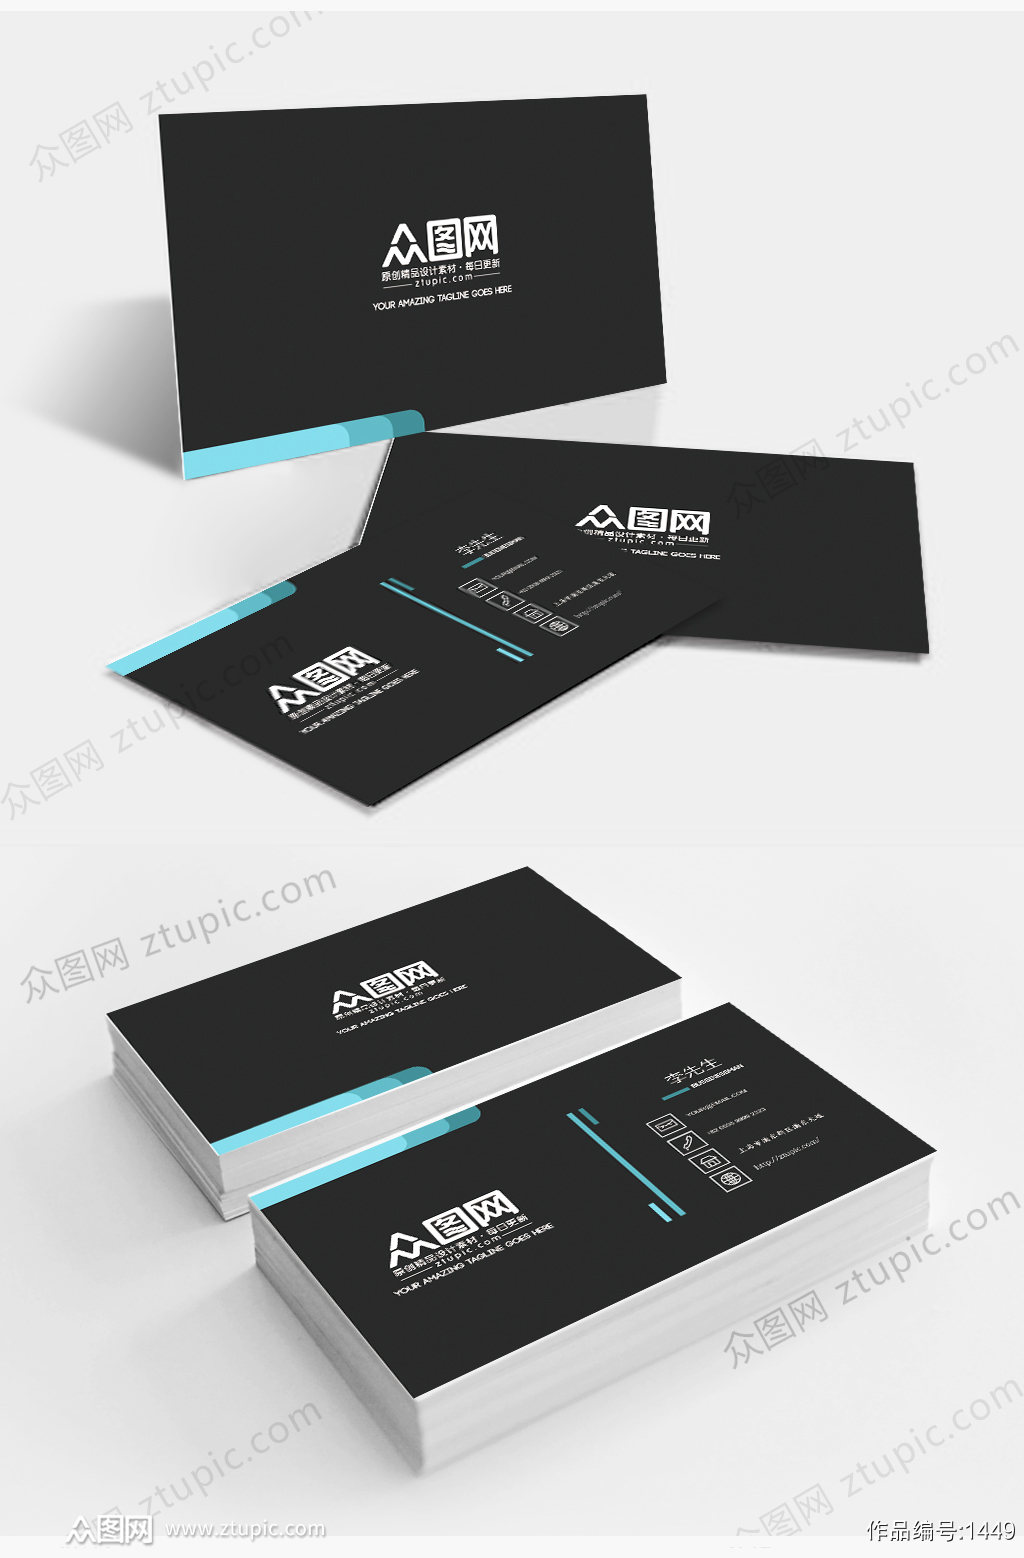 原创竖版个人商务简约名片企业公司二维码名片素材